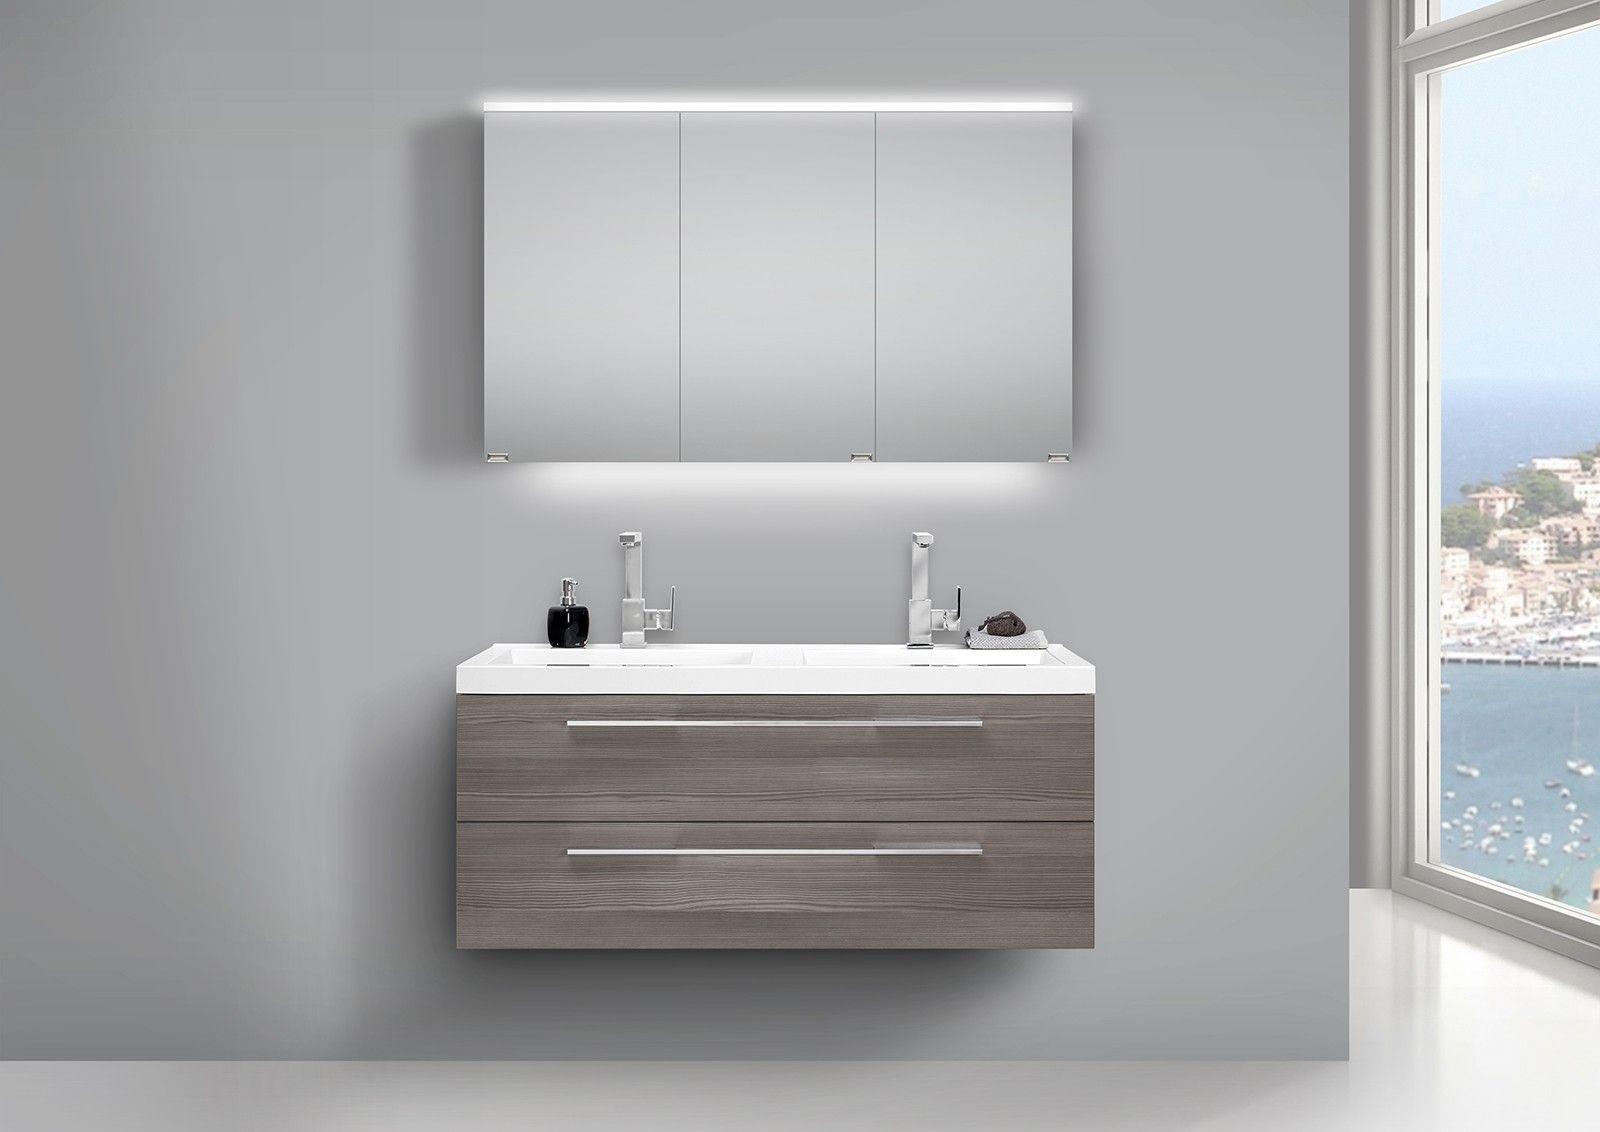 Doppelwaschtisch 120cm Und Led Spiegelschrank Design Badmobel Unterschrank Doppelwaschtisch Und Badmobel Set Weiss